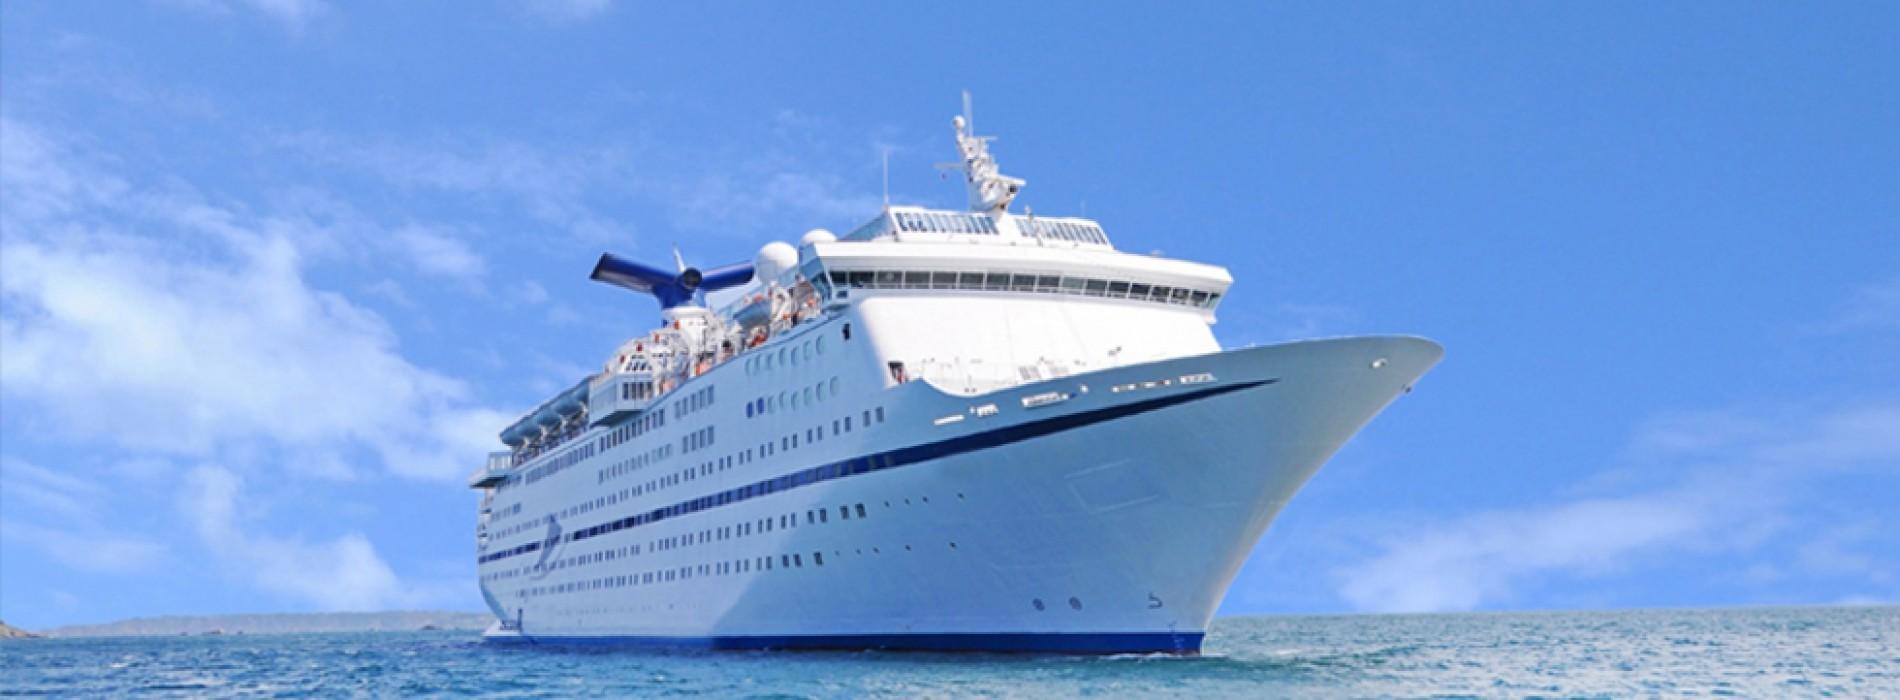 Mumbai cruise tourism set to get a major boost